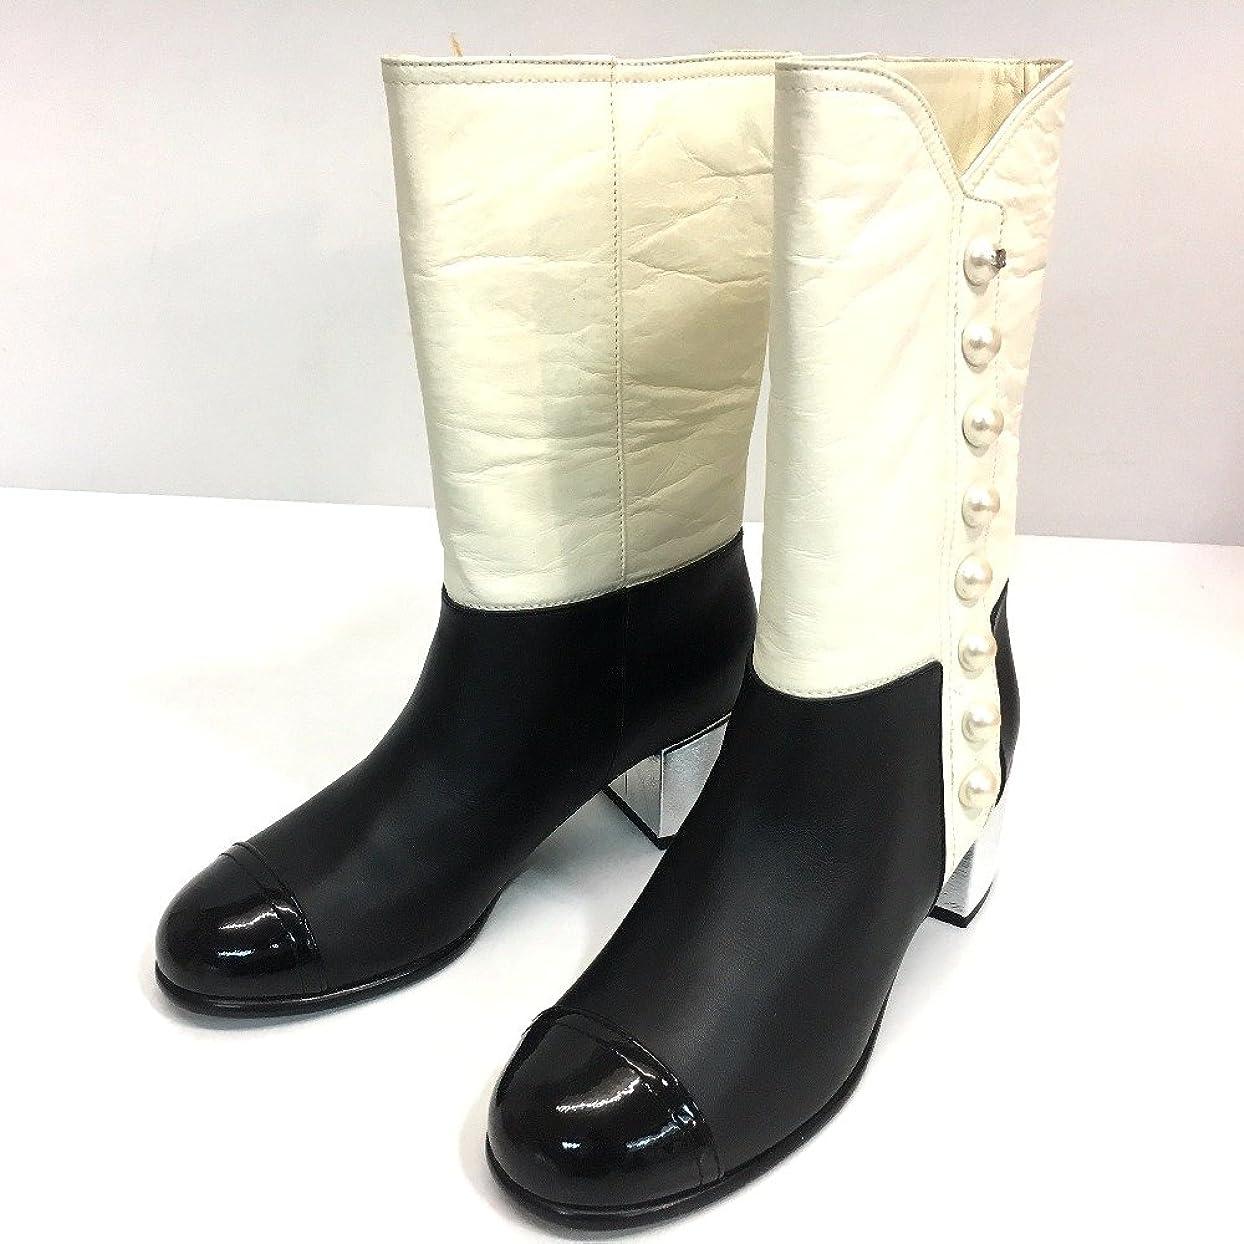 温室一族カタログ(シャネル) CHANEL フェイクパール シューズ 靴 バイカラー ブーツ レザー レディース 新品同様 中古